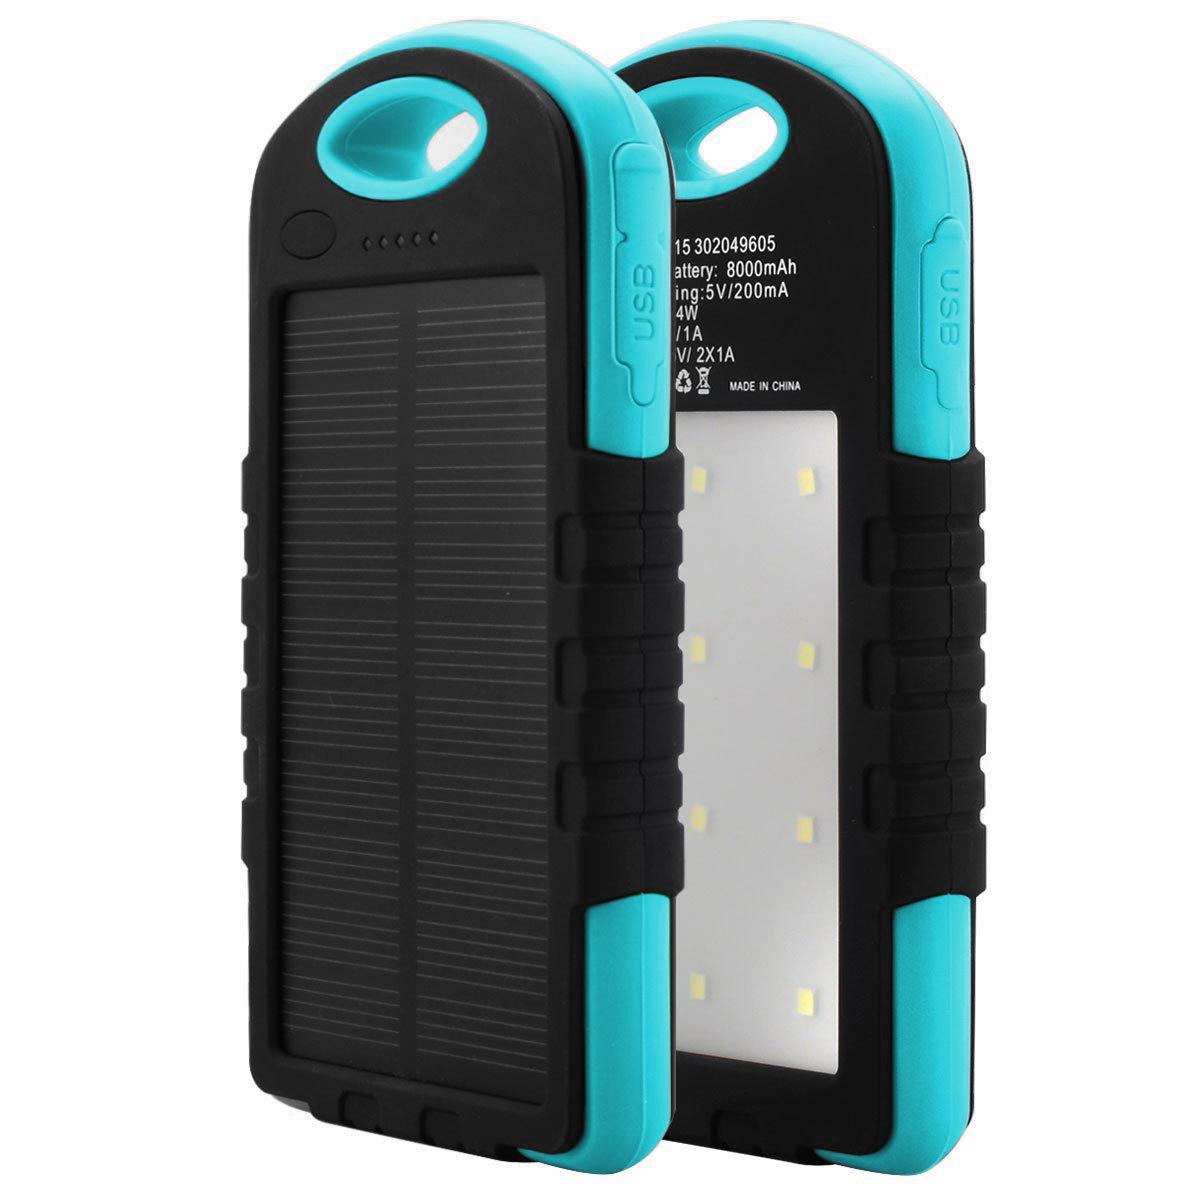 Купить Power bank 12000 mAh Solar, (5V/200mA), 2xUSB, 5V/1A/2.1A, USB  microUSB, влаго/ударо защищеный прорезиненный корпус, Black/Orange, Corton BOX